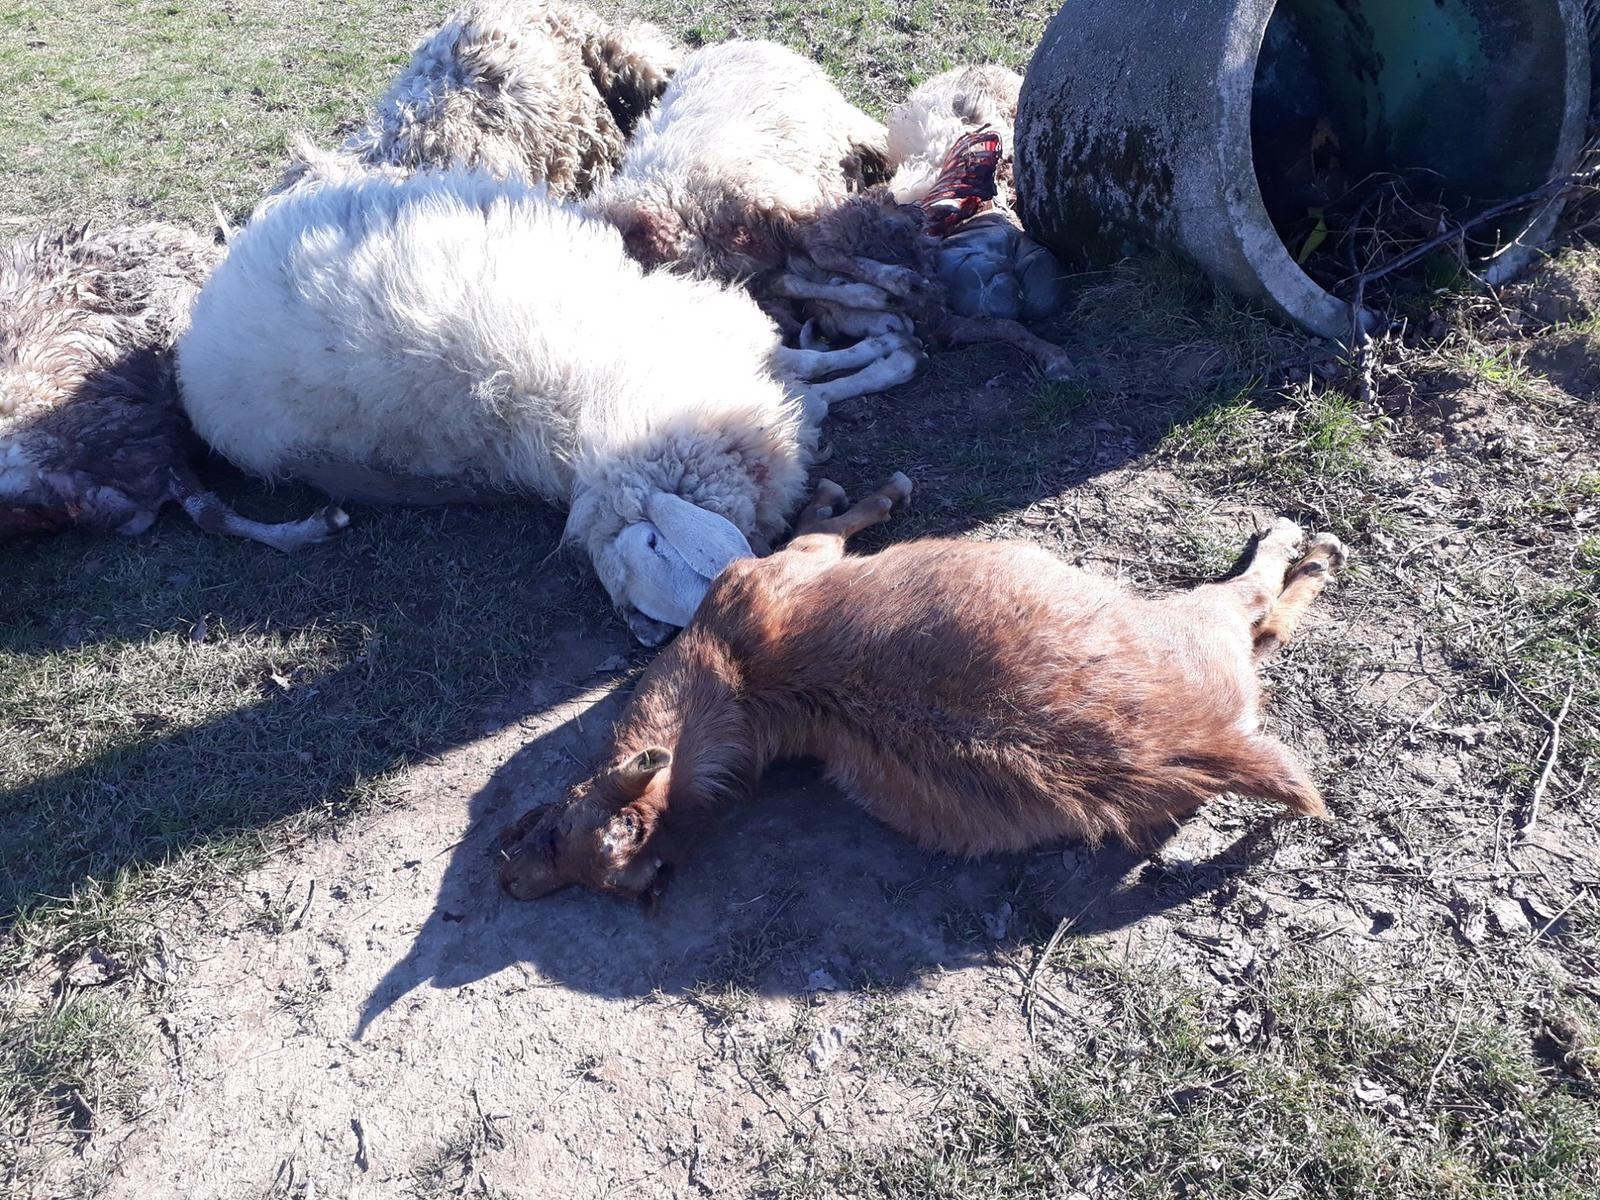 SALASSA - Lupi anche in pianura: sbranate cinque pecore e una capra